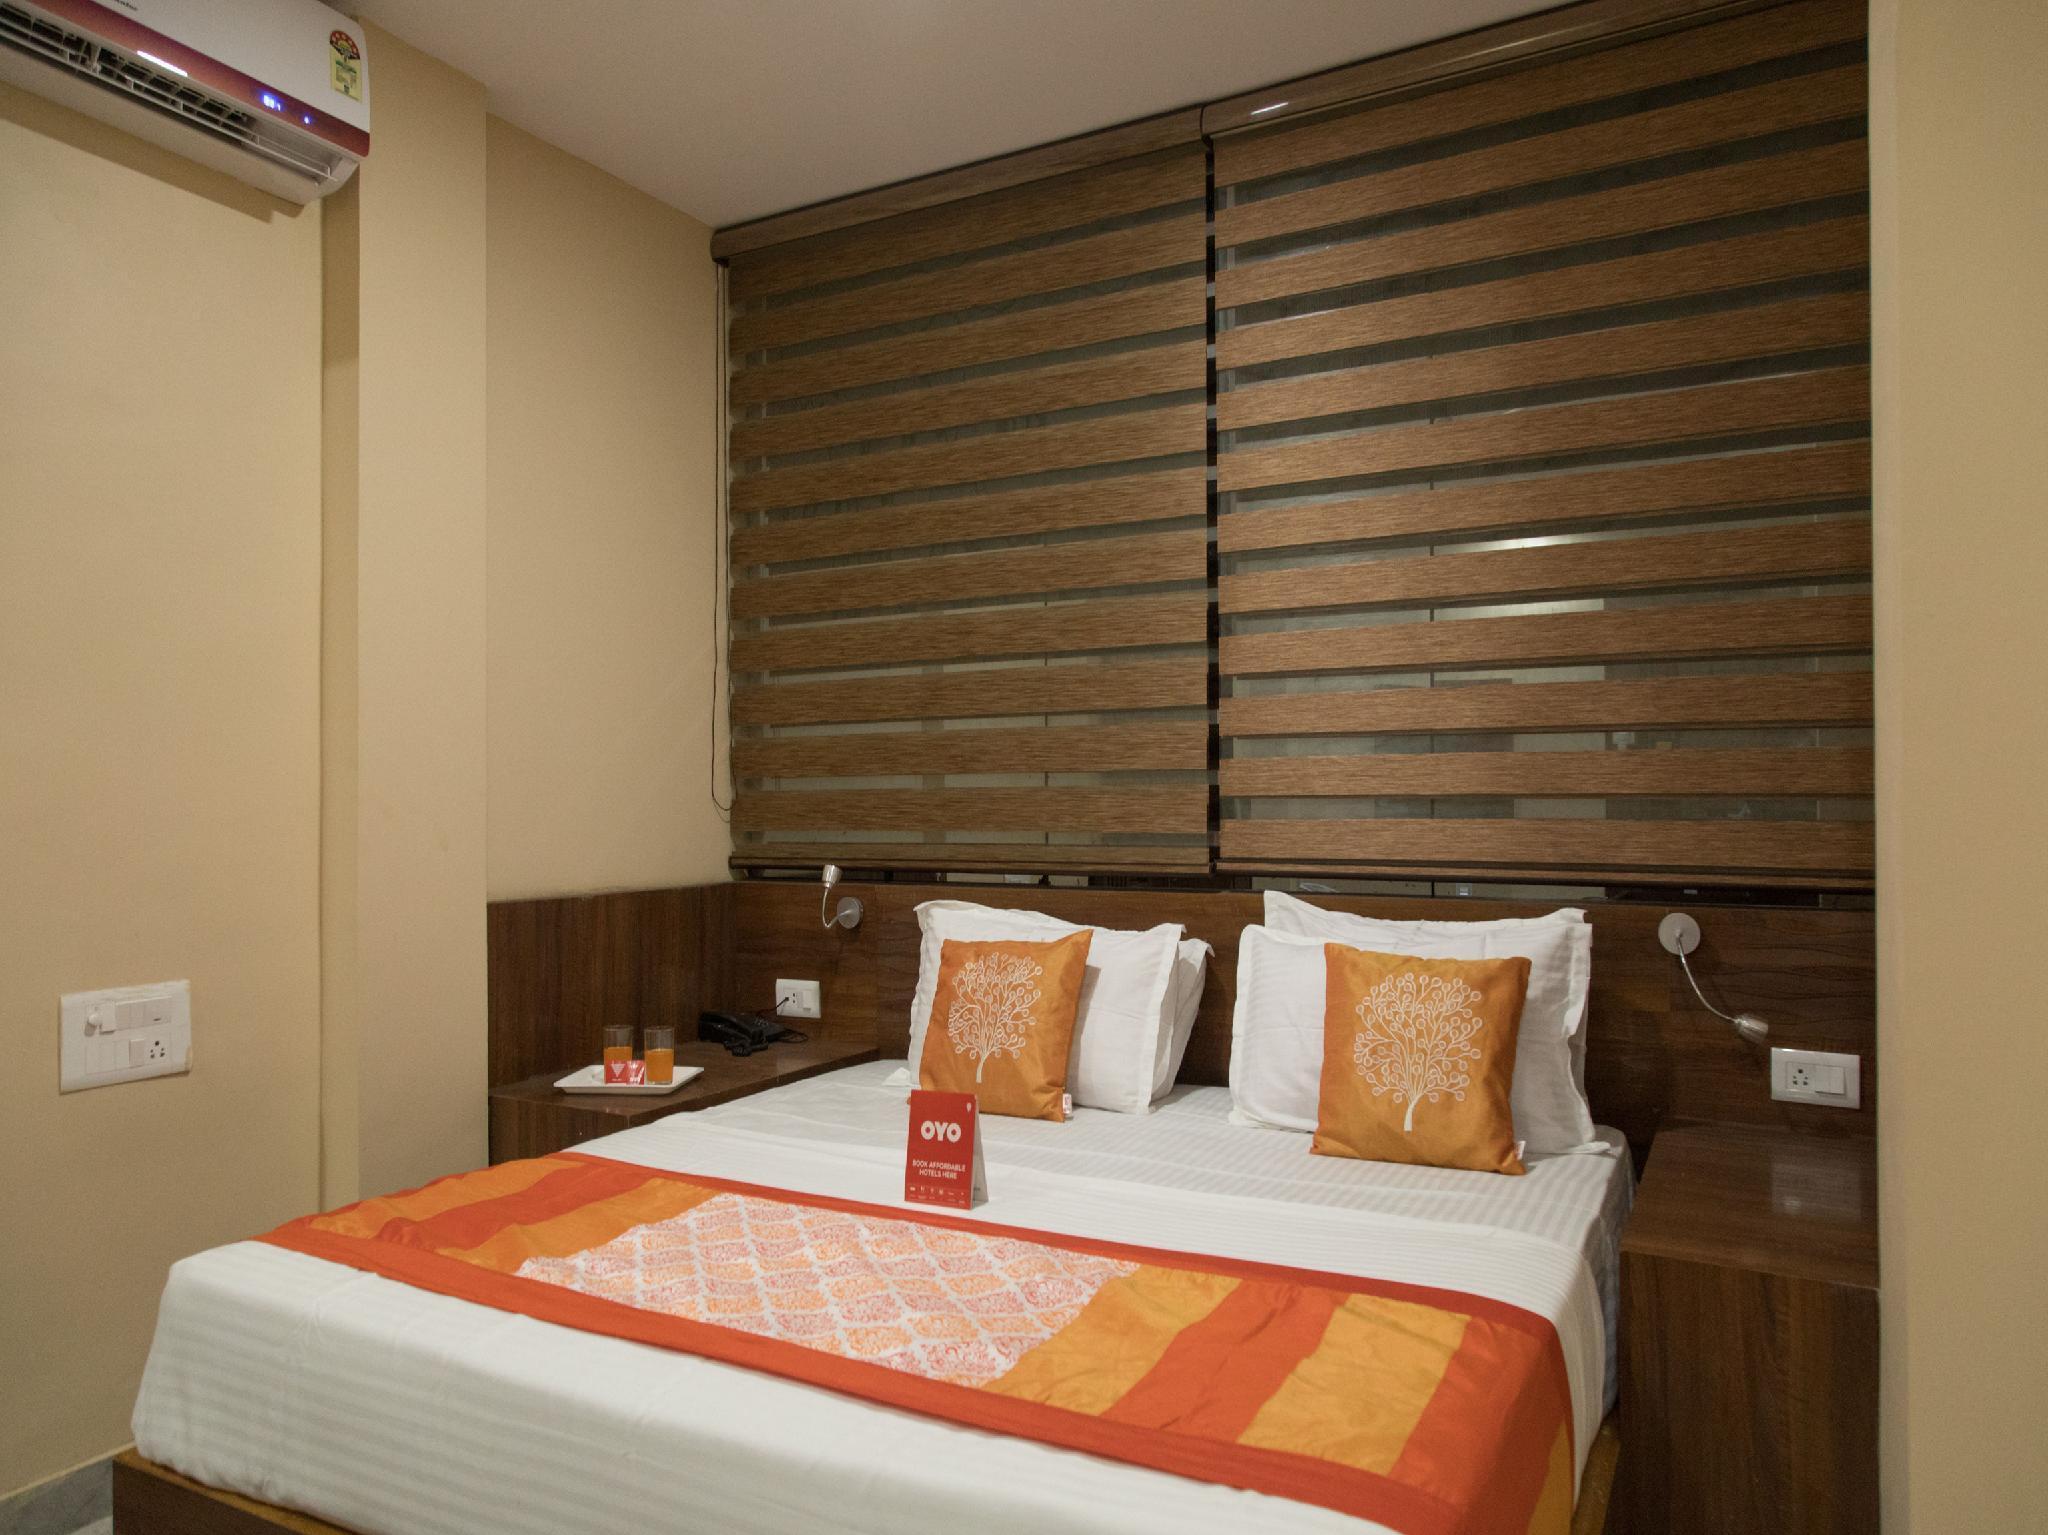 OYO 10023 Hotel Satya